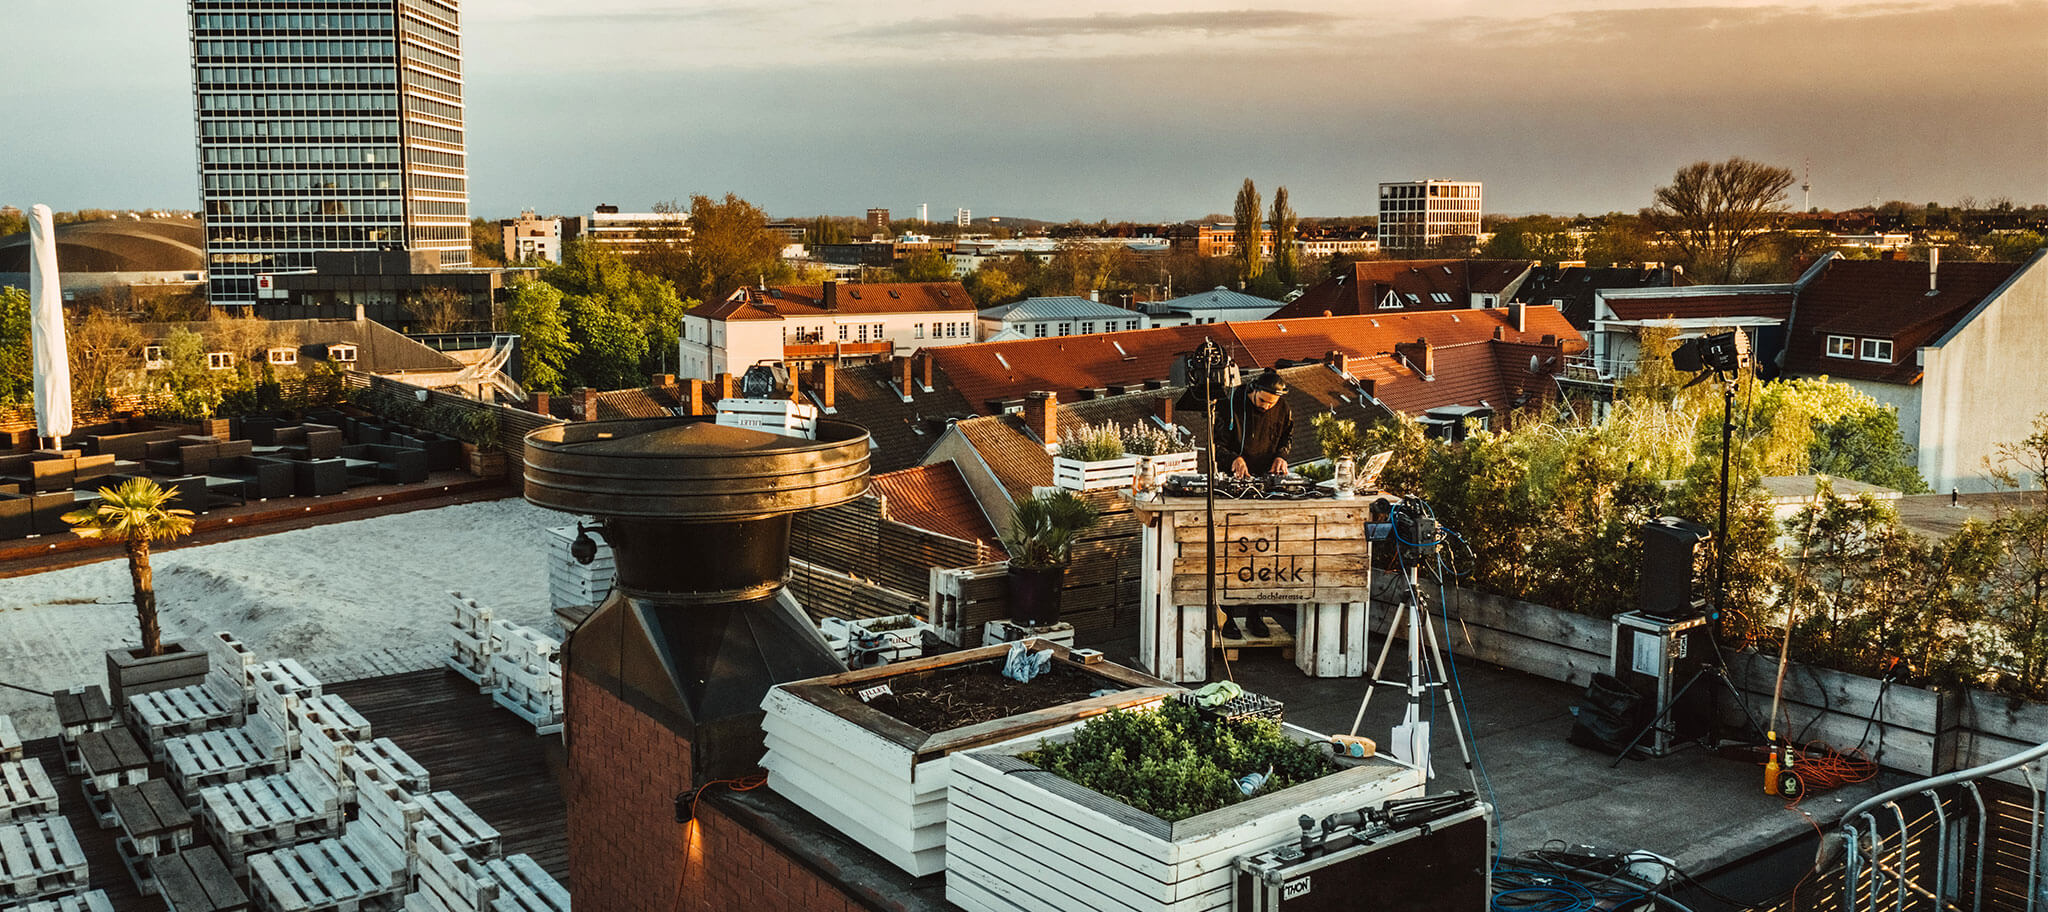 Location beim Sparkassen Rooftop Livestream